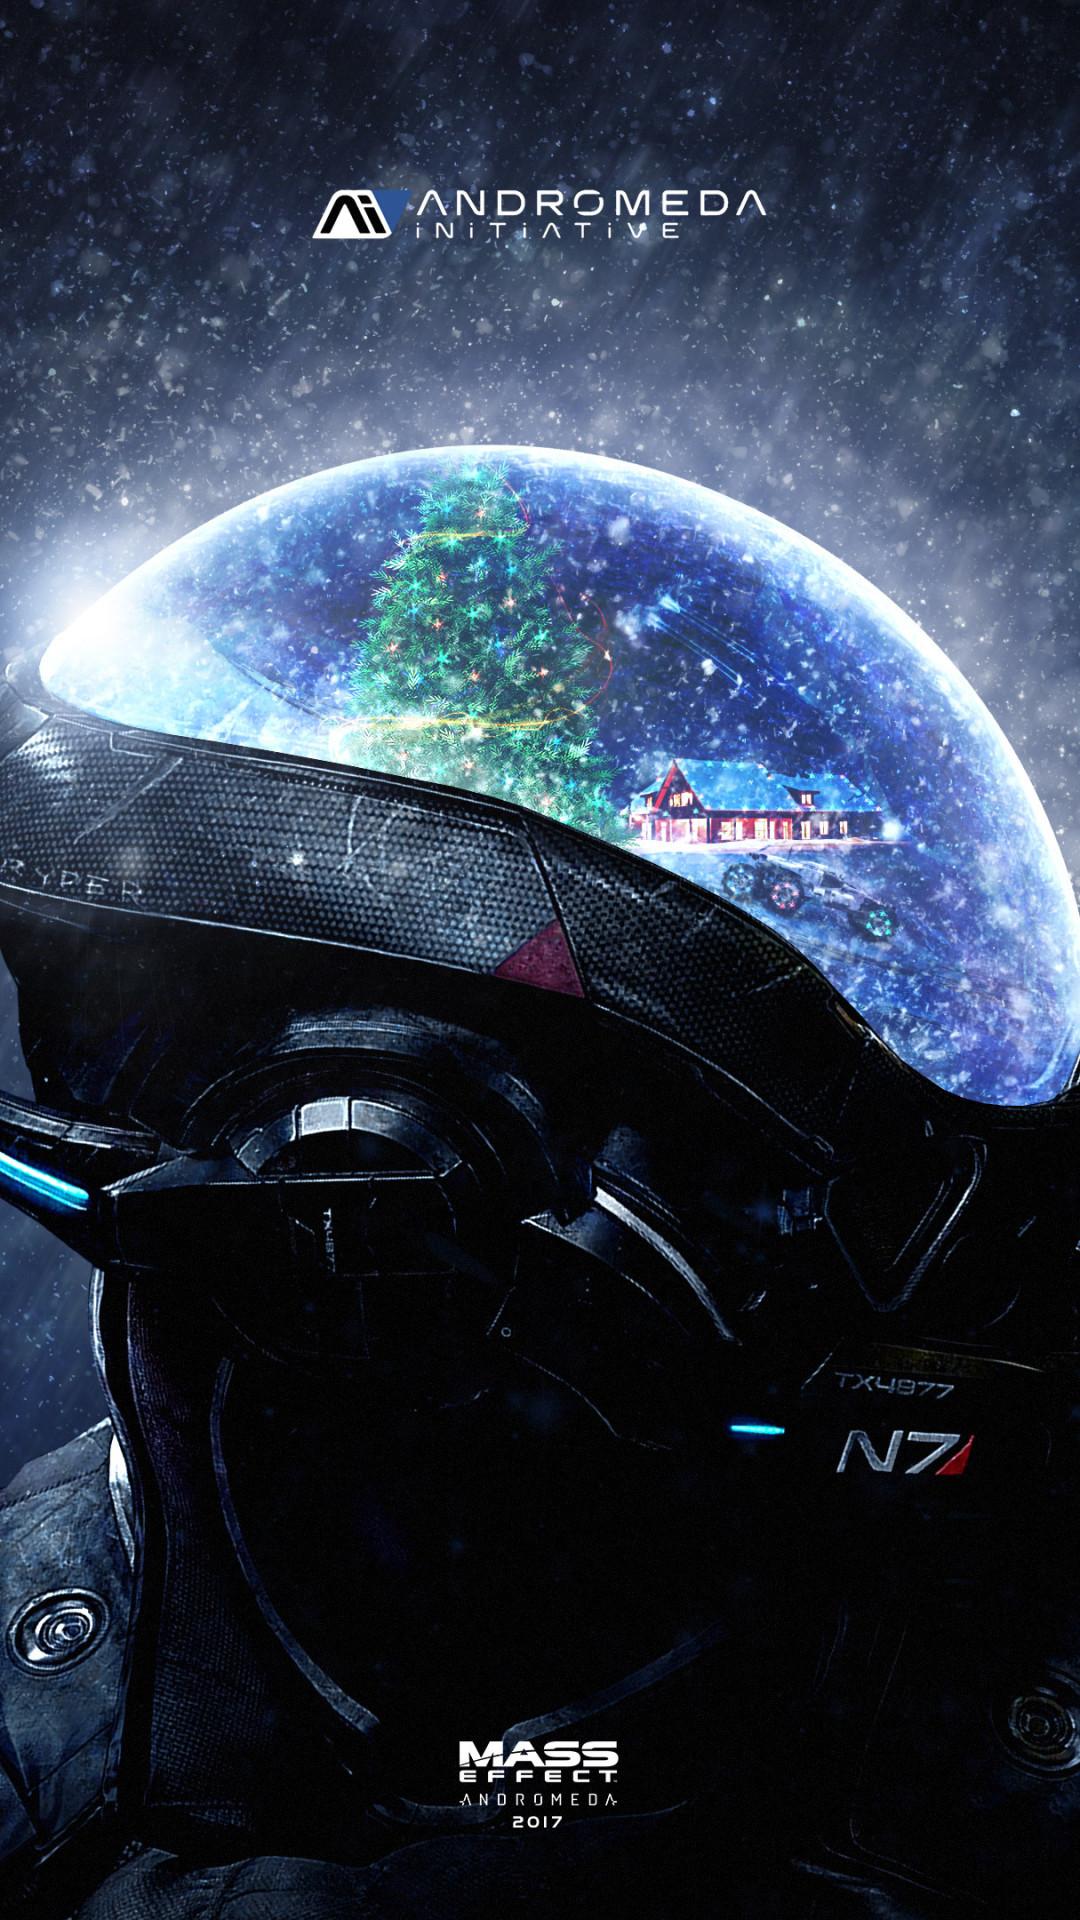 Download Mass Effect Garrus Vakarian Wallpaper For iPhone